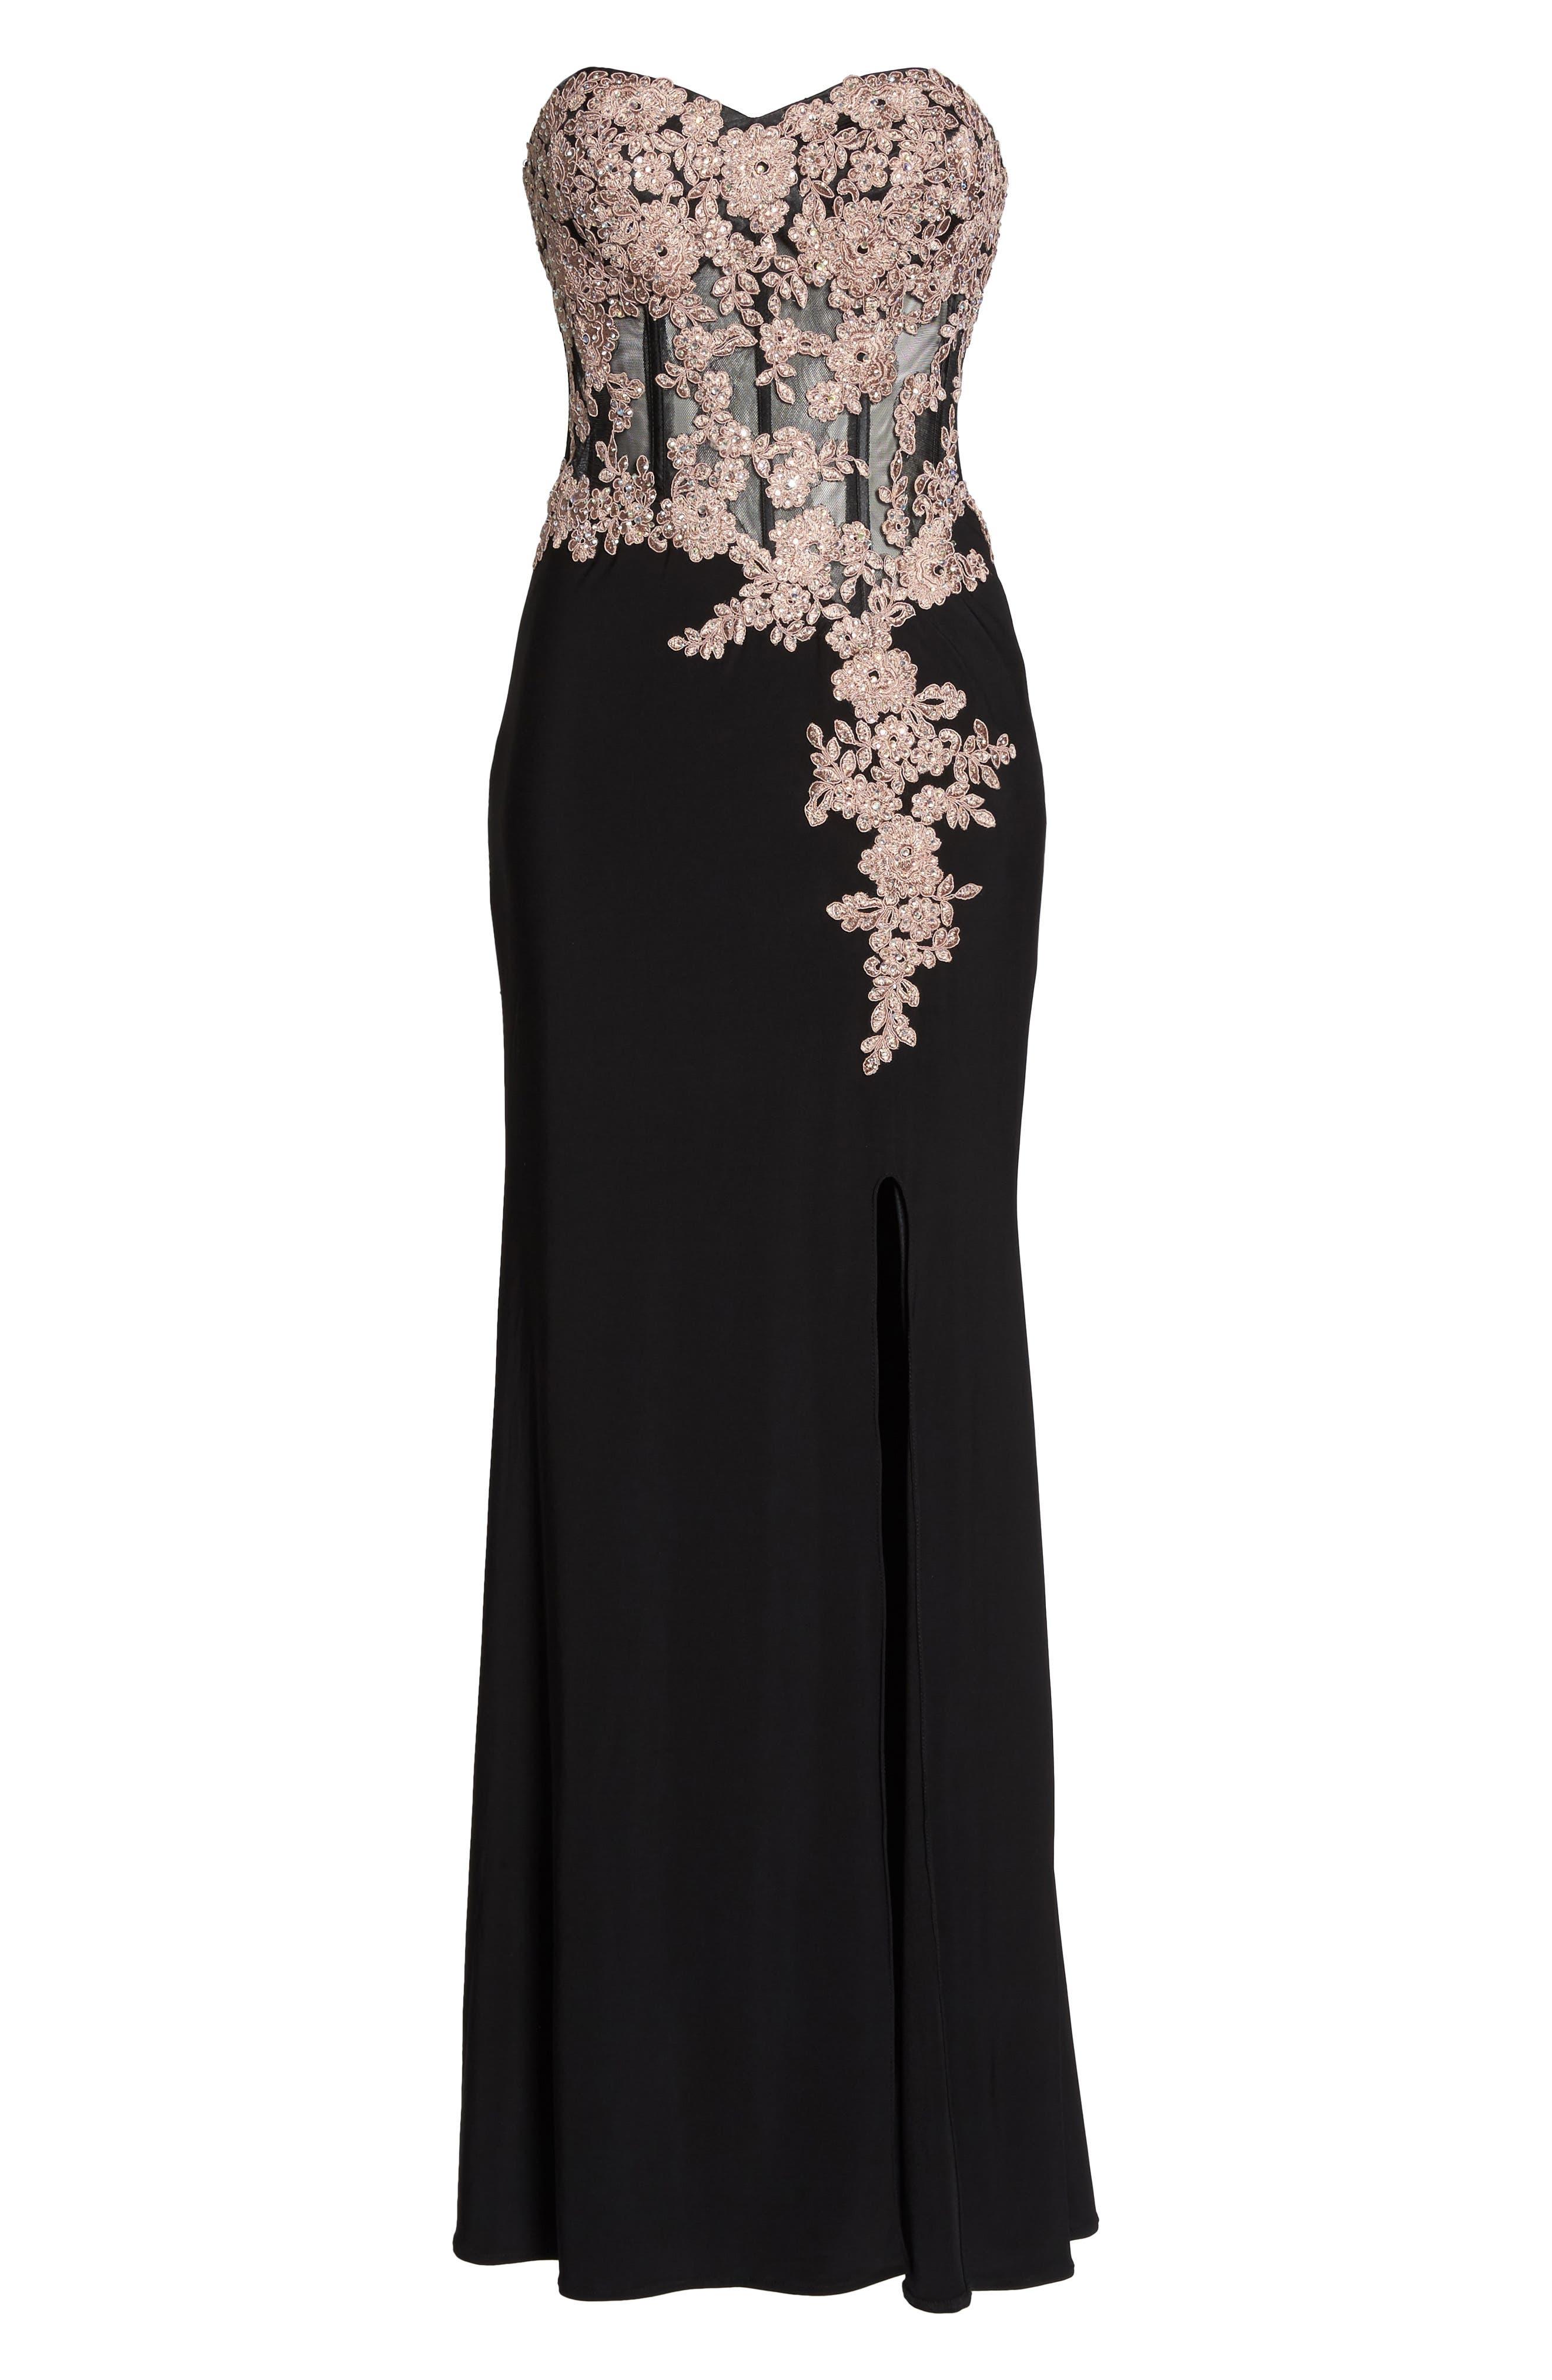 BLONDIE NITES,                             Appliqué Strapless Bustier Gown,                             Alternate thumbnail 6, color,                             015